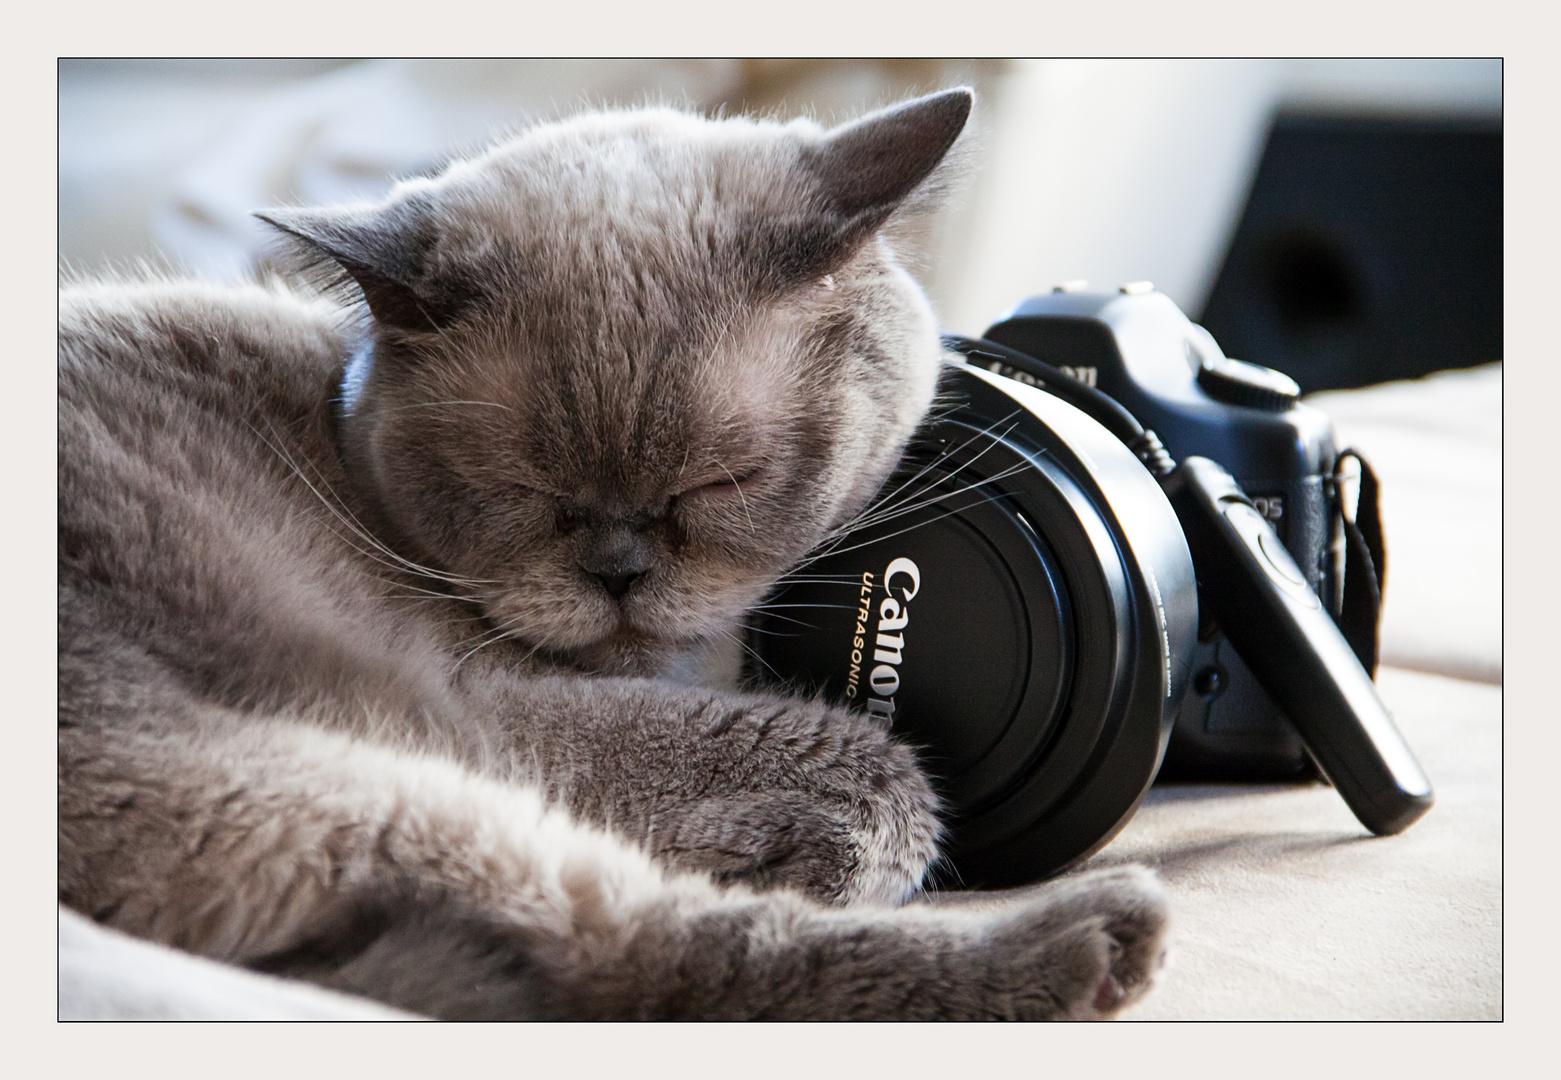 Fotografieren macht so müde